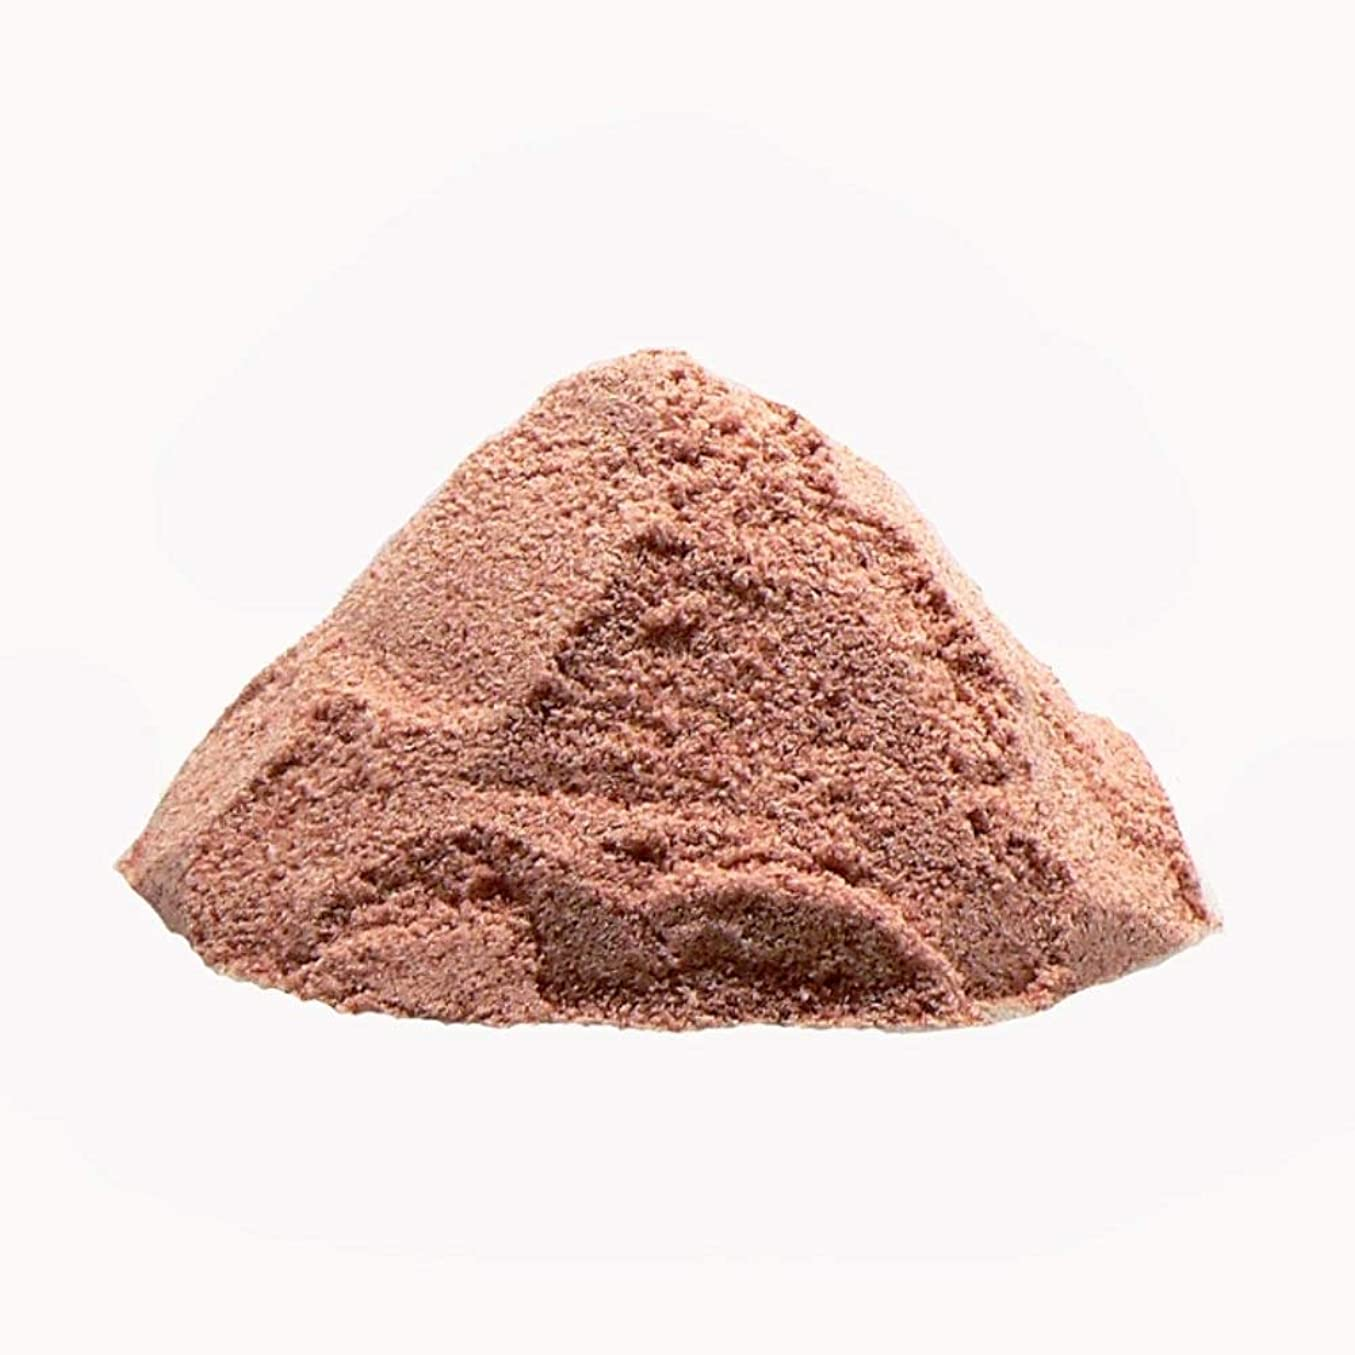 笑いシステム放送ヒマラヤ岩塩 プレミアム ルビーソルト バスソルト(パウダー)ネパール産 ルビー岩塩 (600g×2個セット)